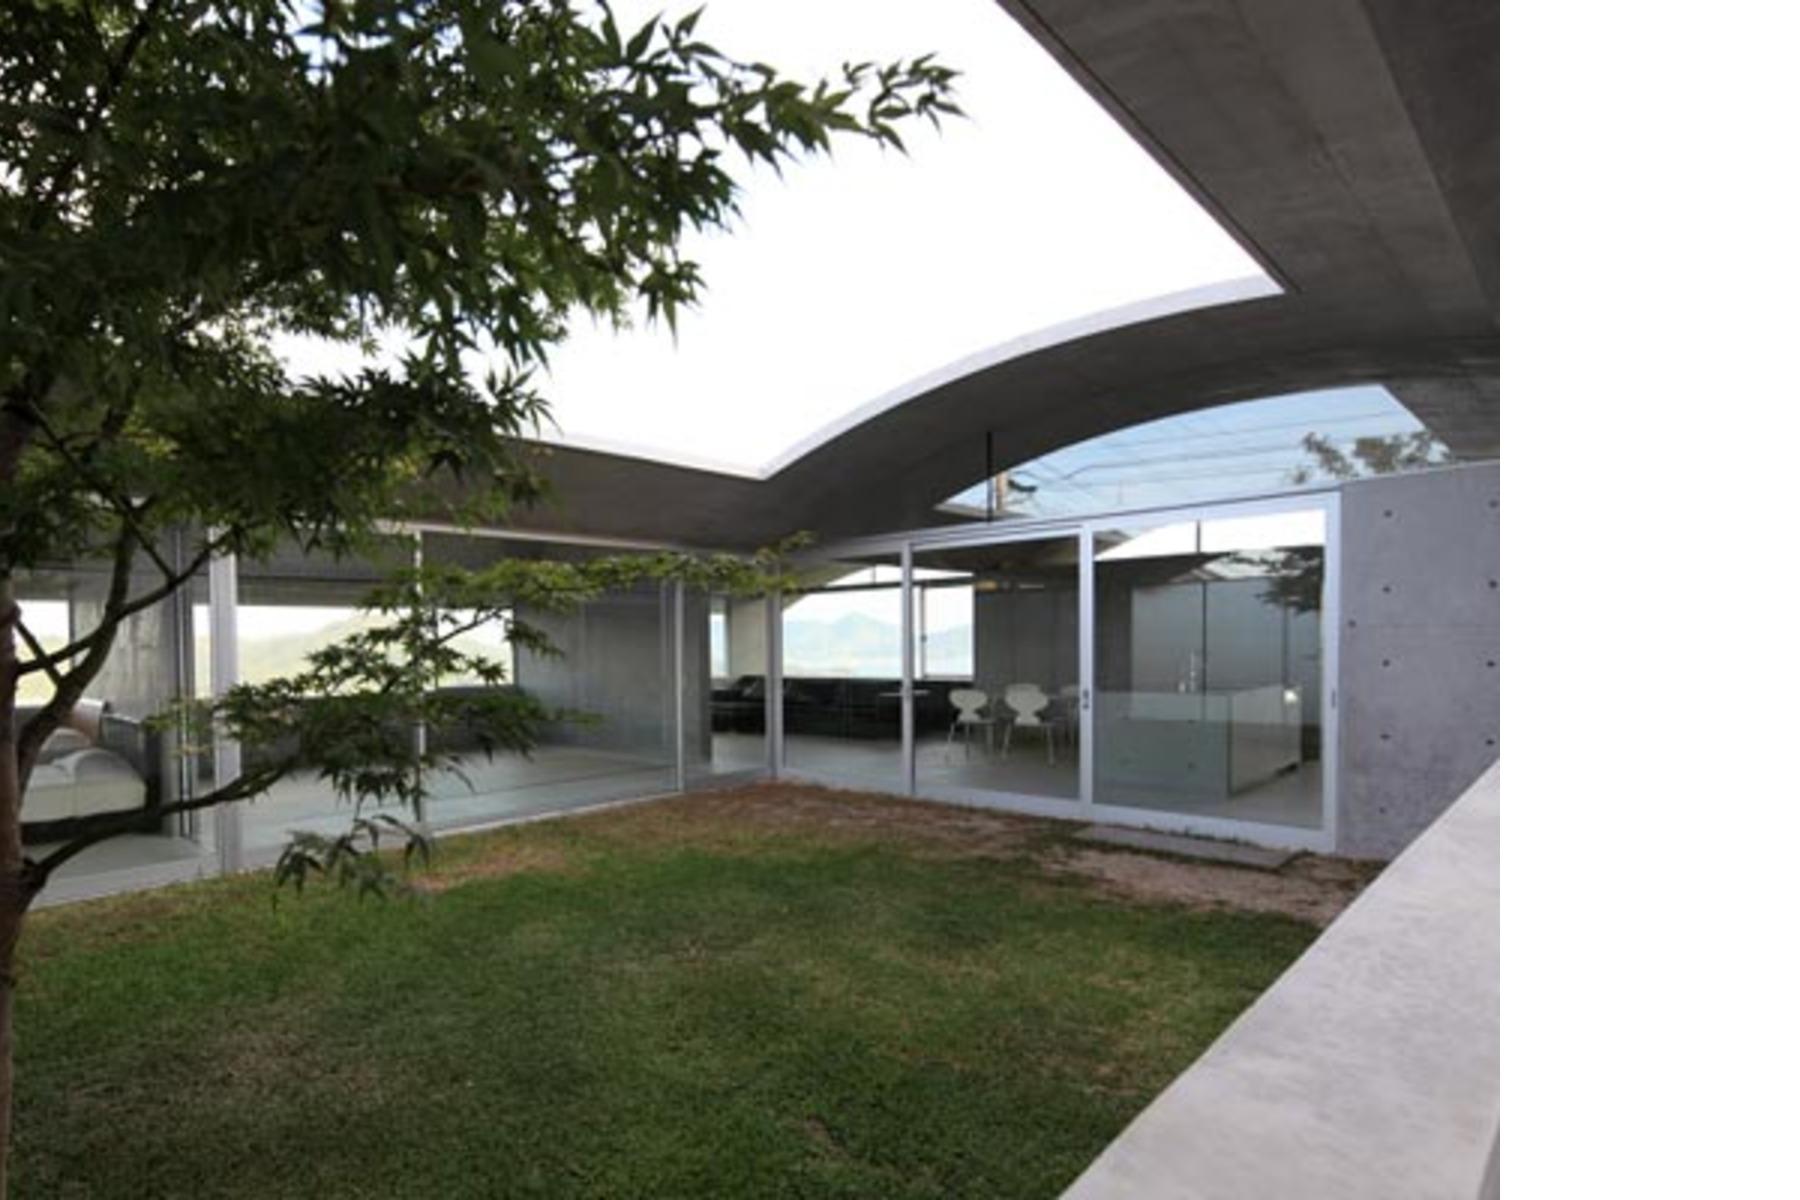 Japanische Architektur die japanische architektur kazunori fujimoto floornature